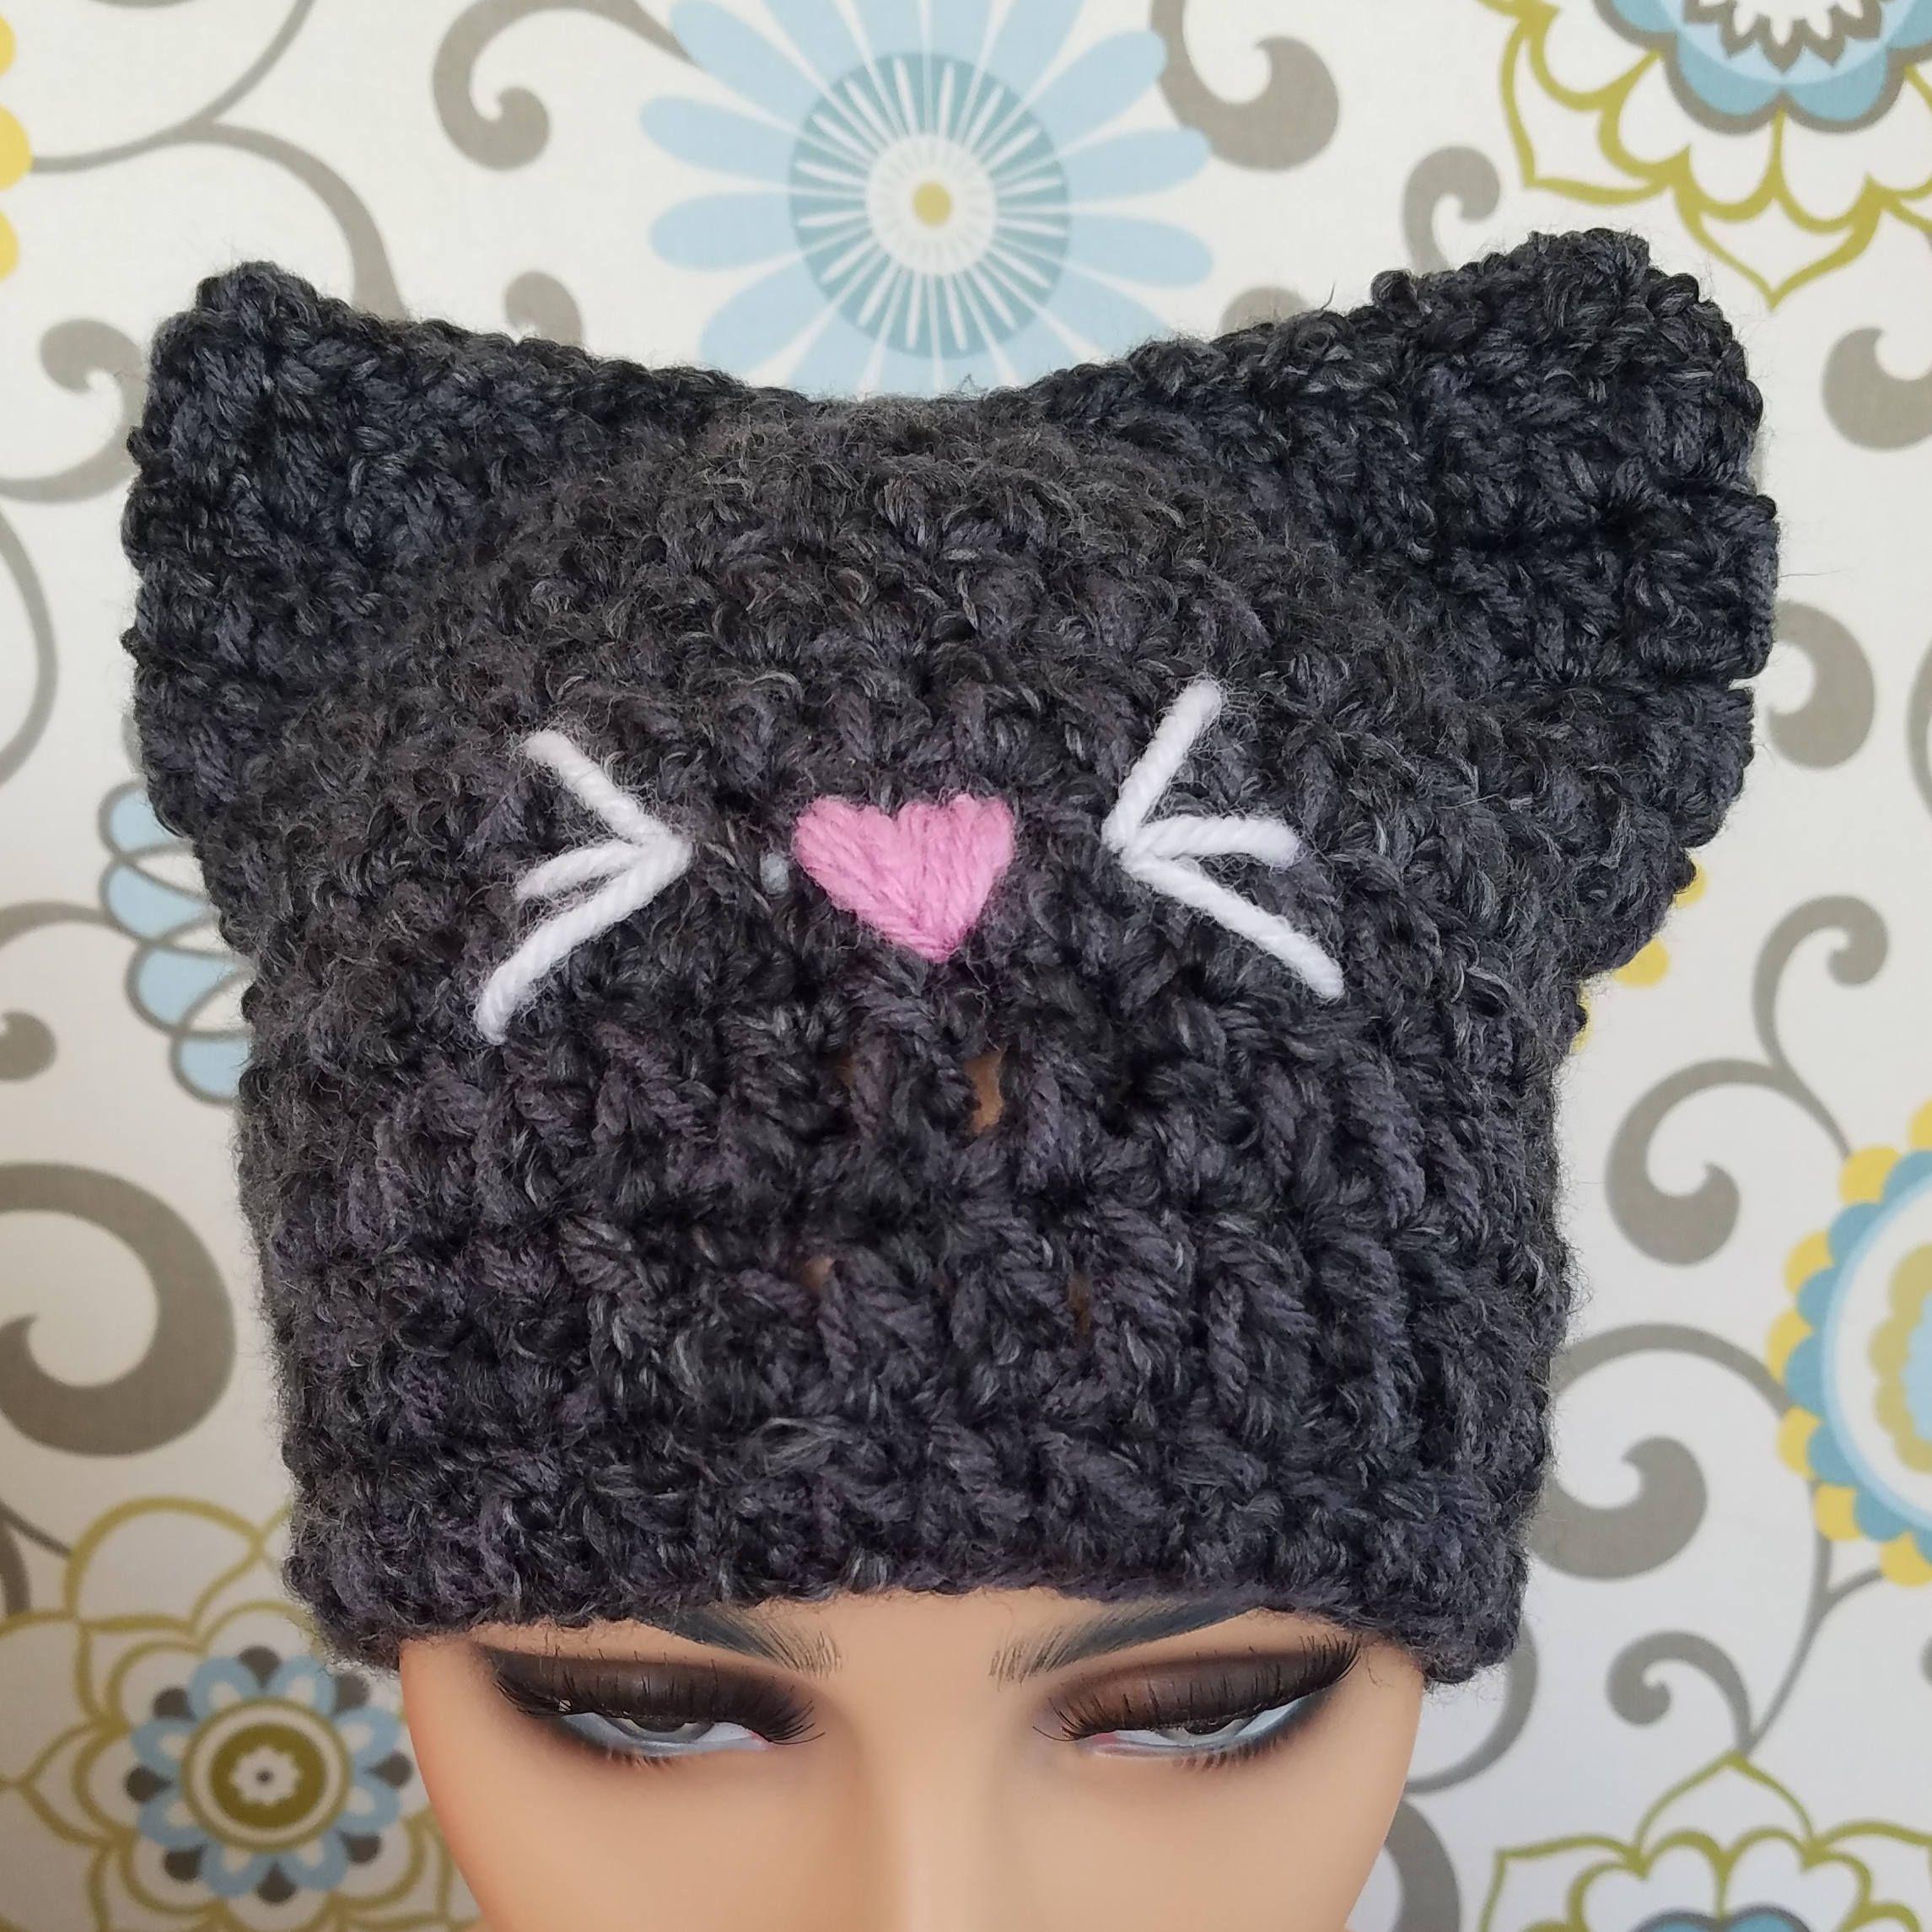 839da1b7763 Cat hat